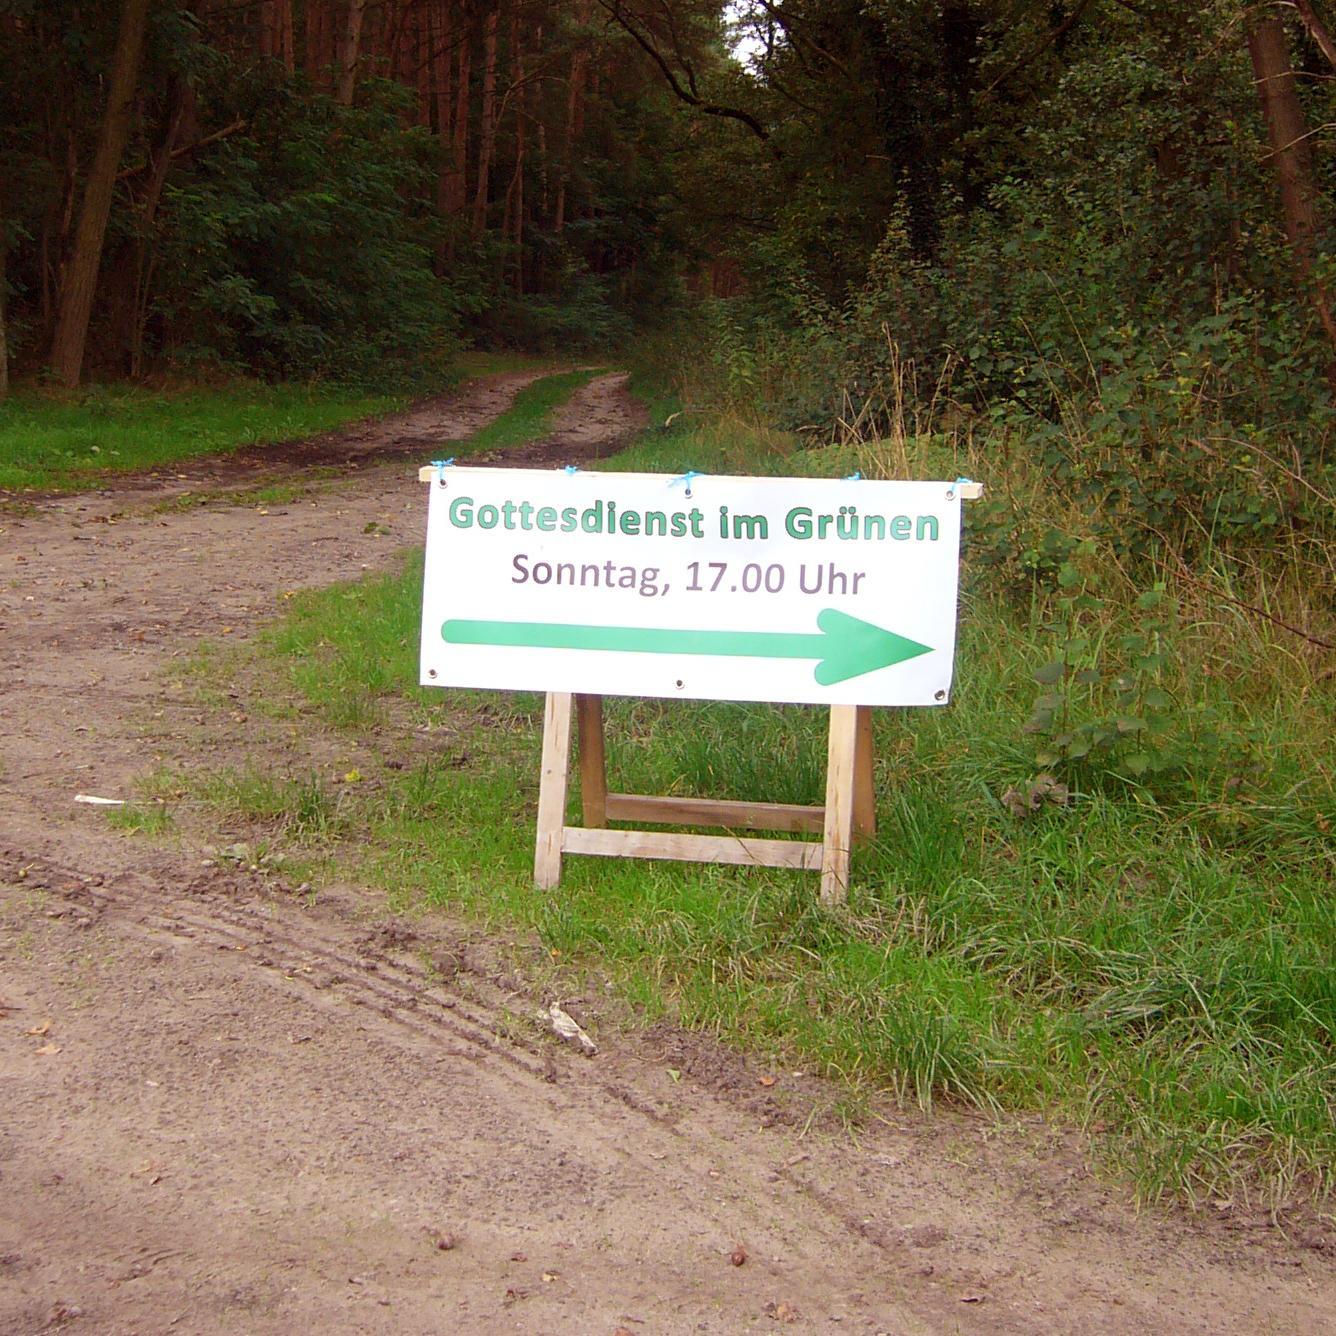 Gottesdienst im Grünen am 12.09.2021